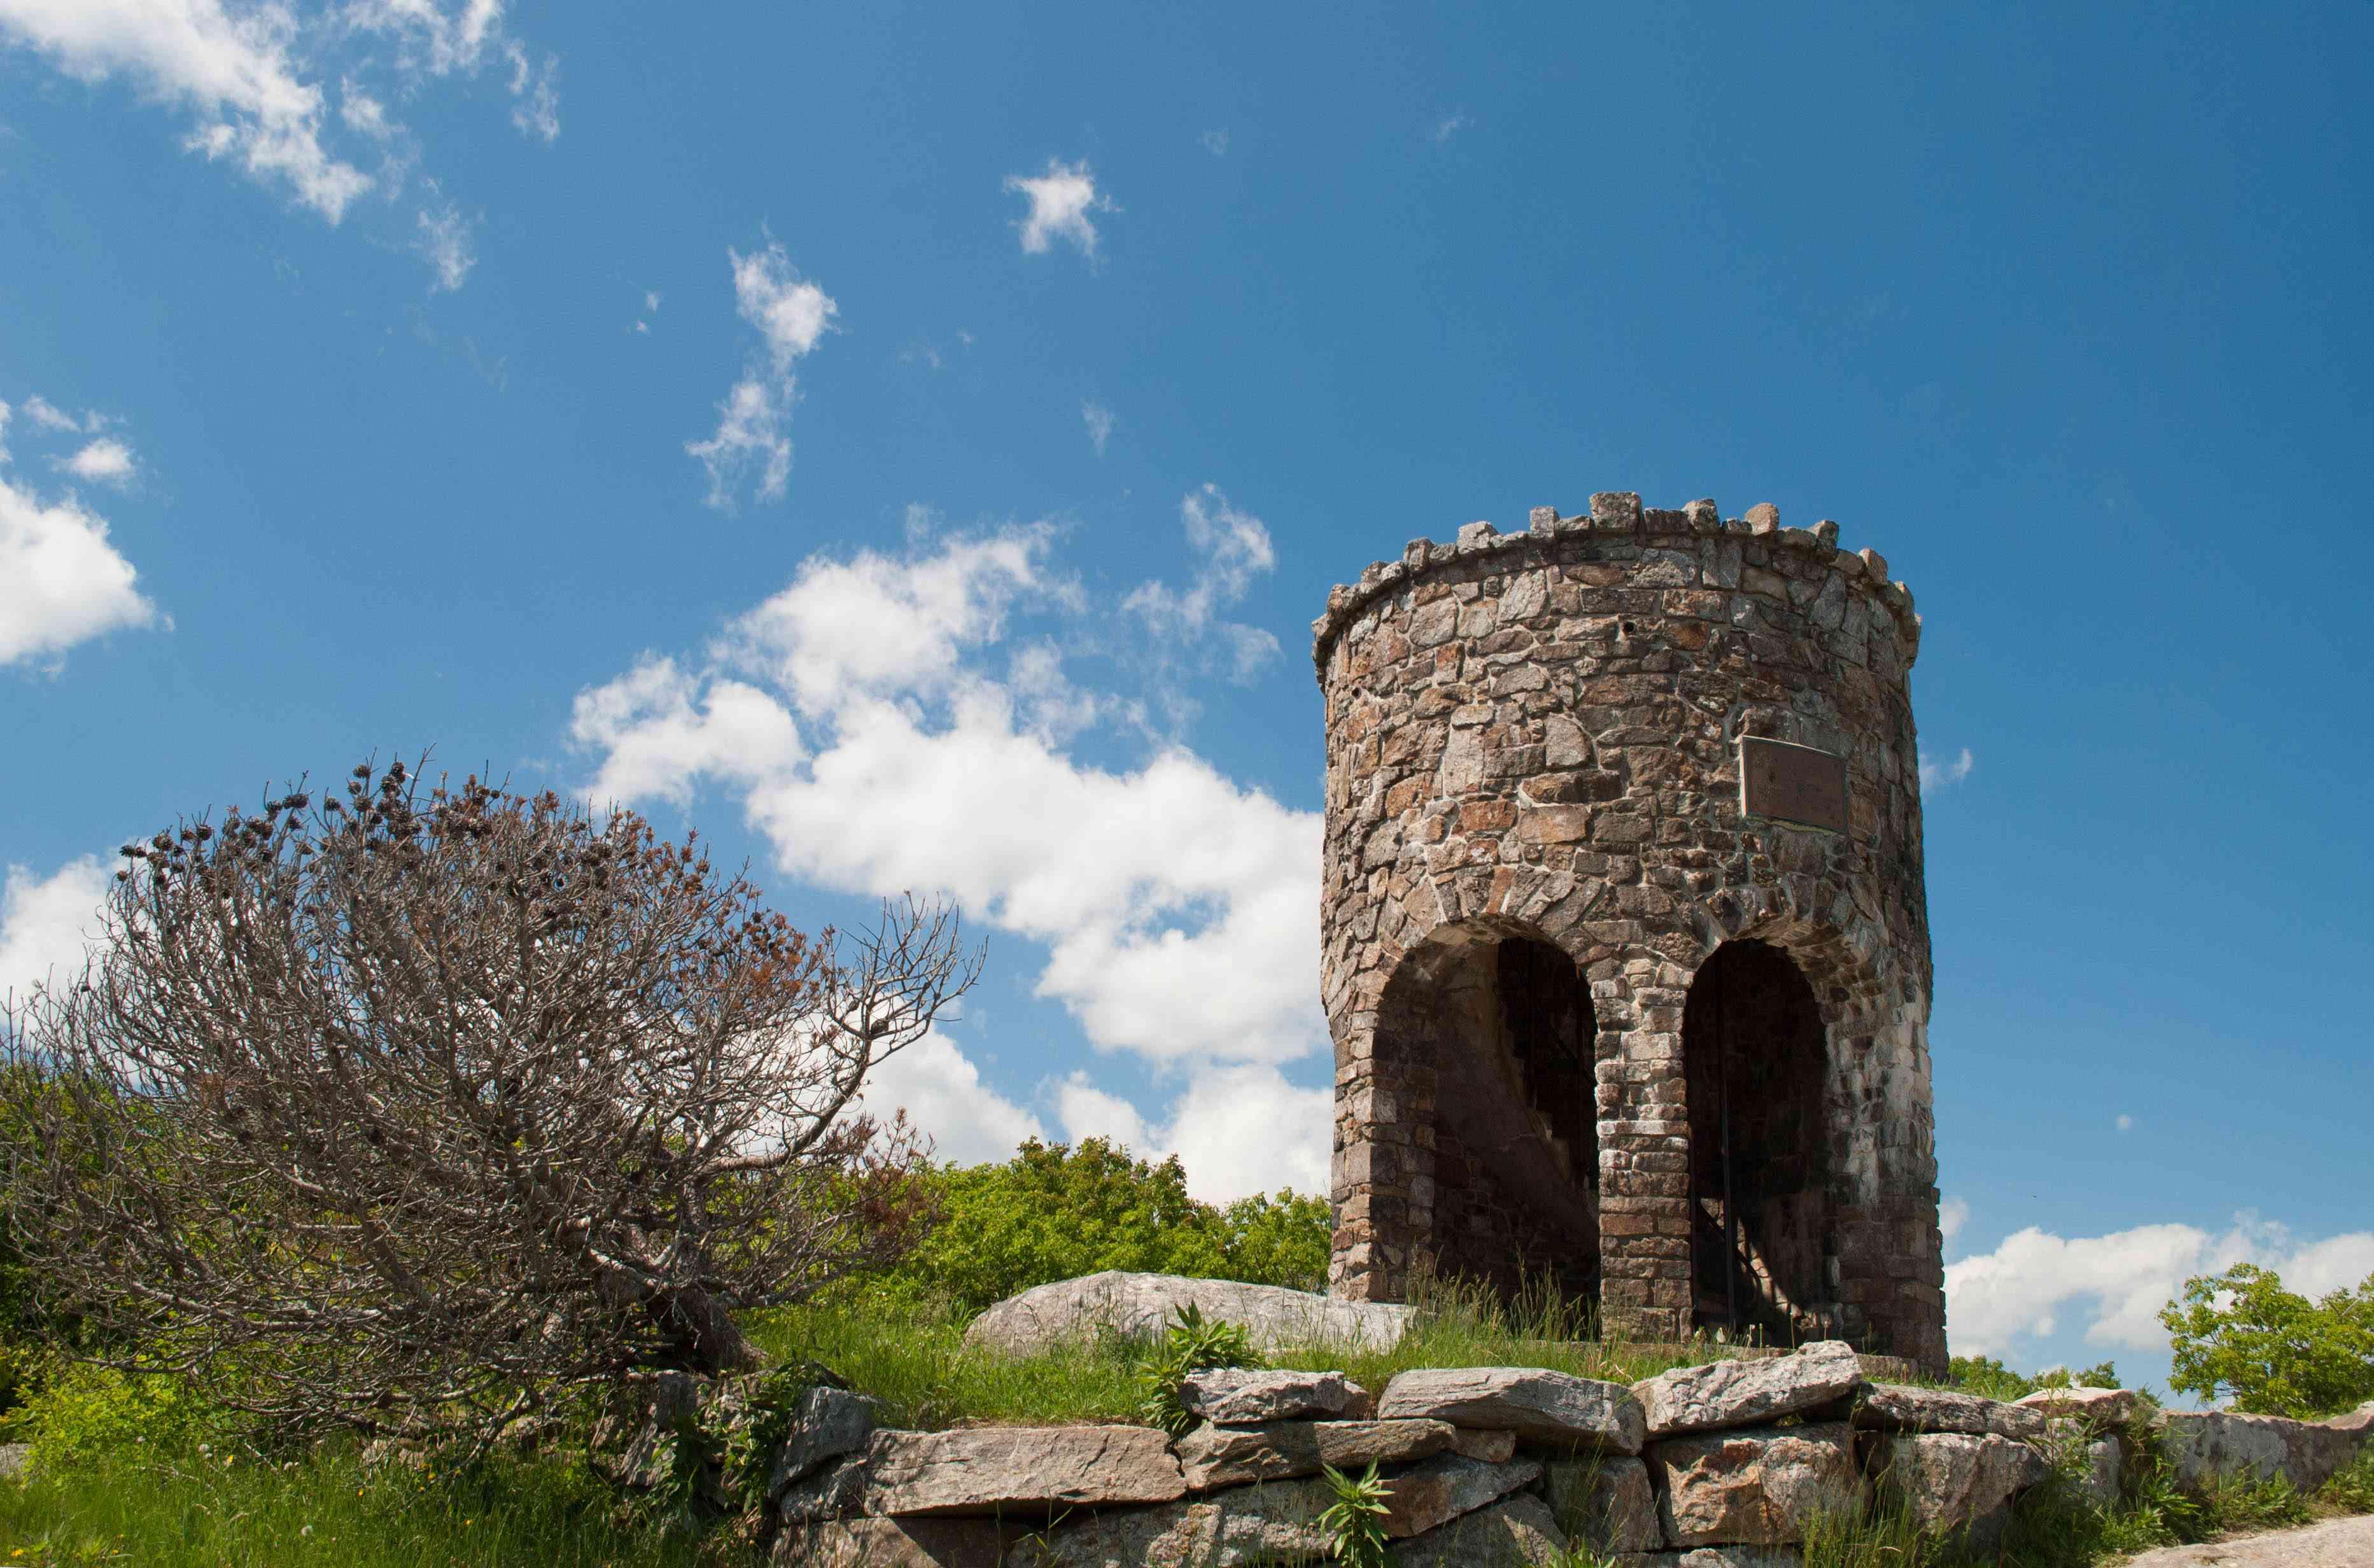 Mount Battie Stone Tower in Camden Hills State Park